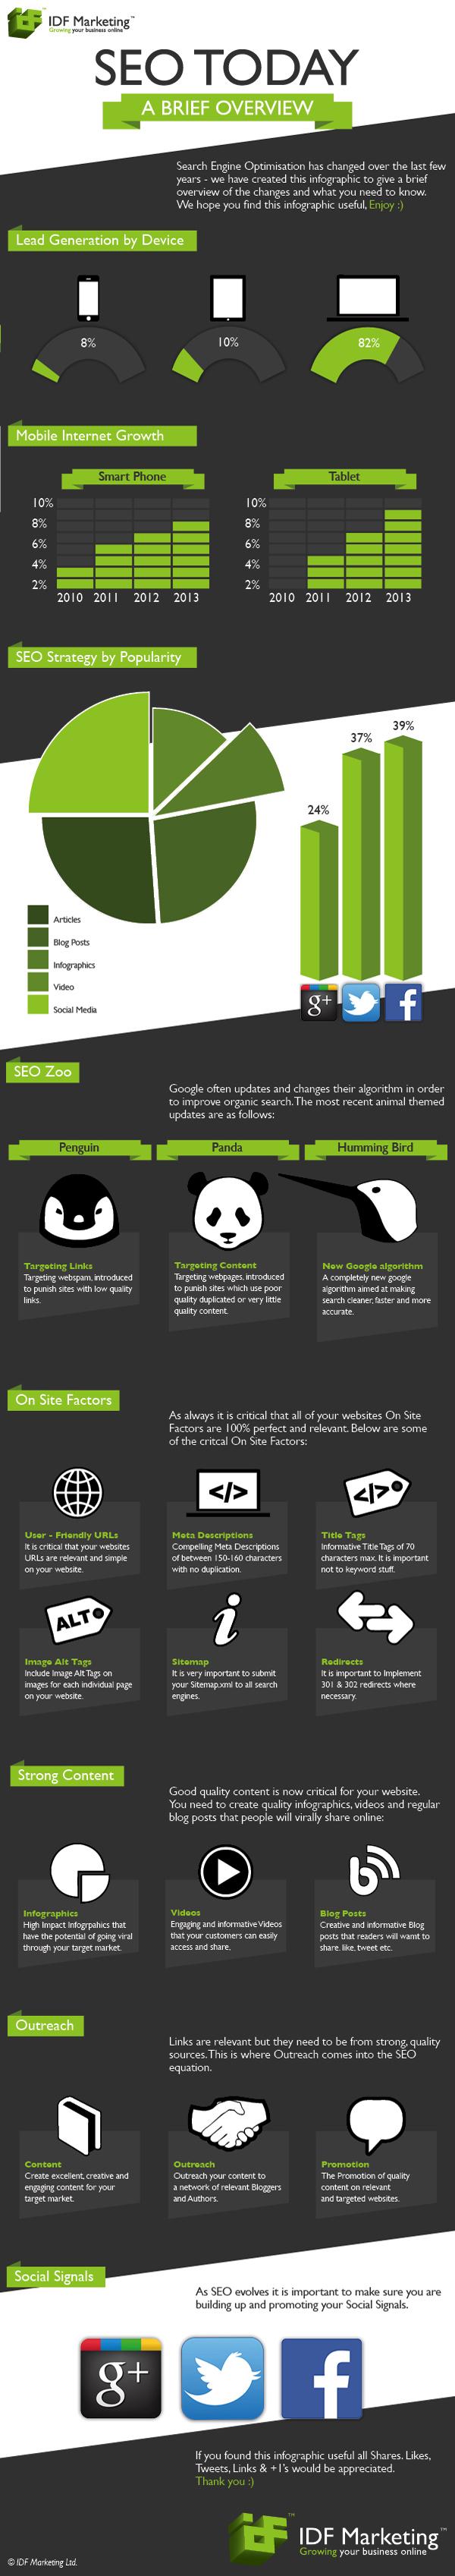 Infografia del SEO hoy en dia